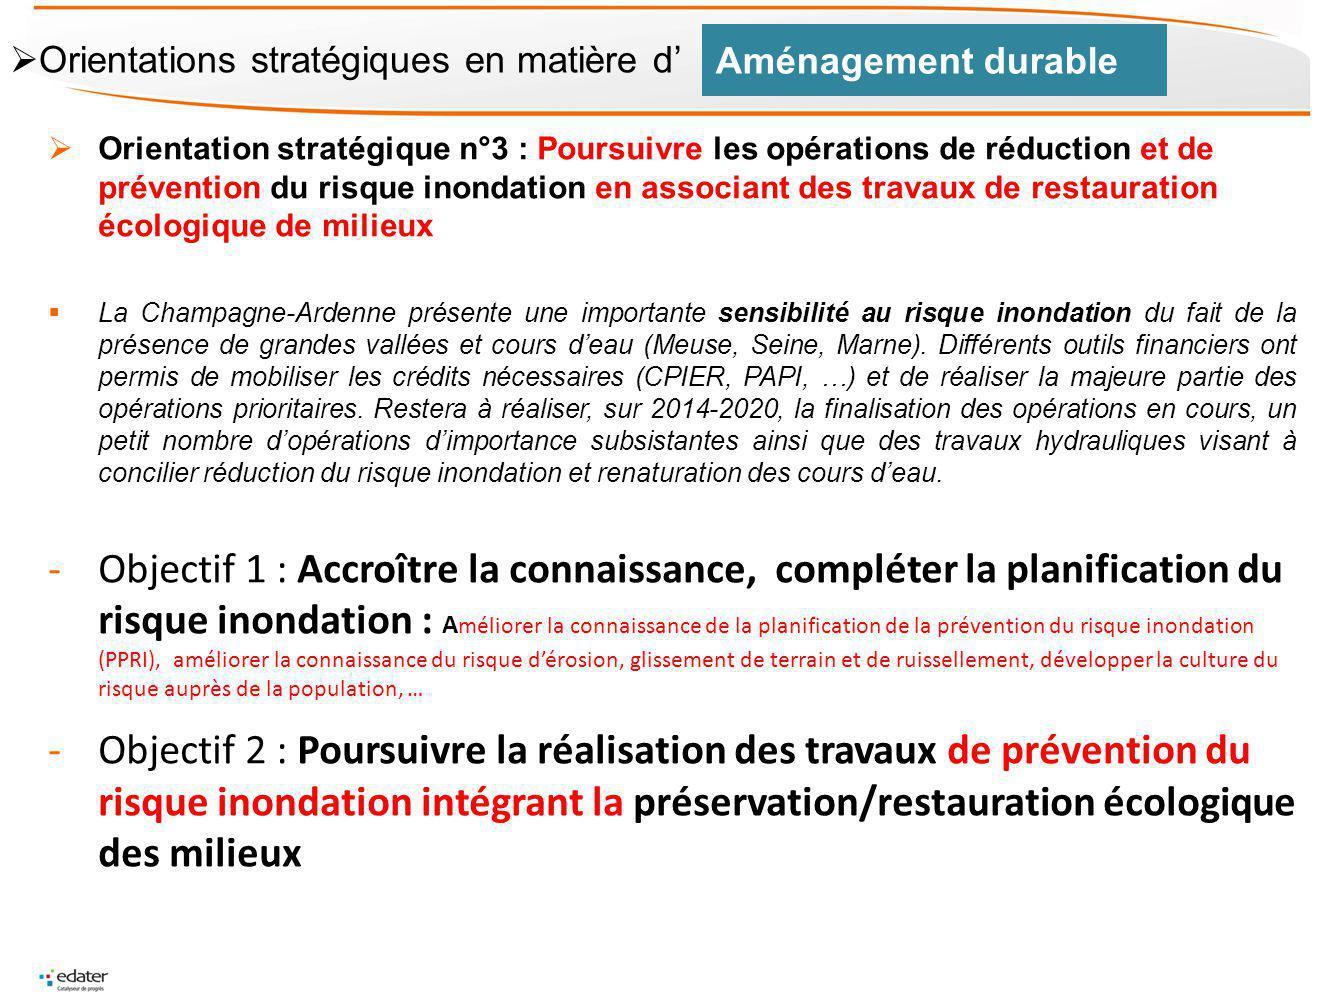 Orientation stratégique n°3 : Poursuivre les opérations de réduction et de prévention du risque inondation en associant des travaux de restauration éc